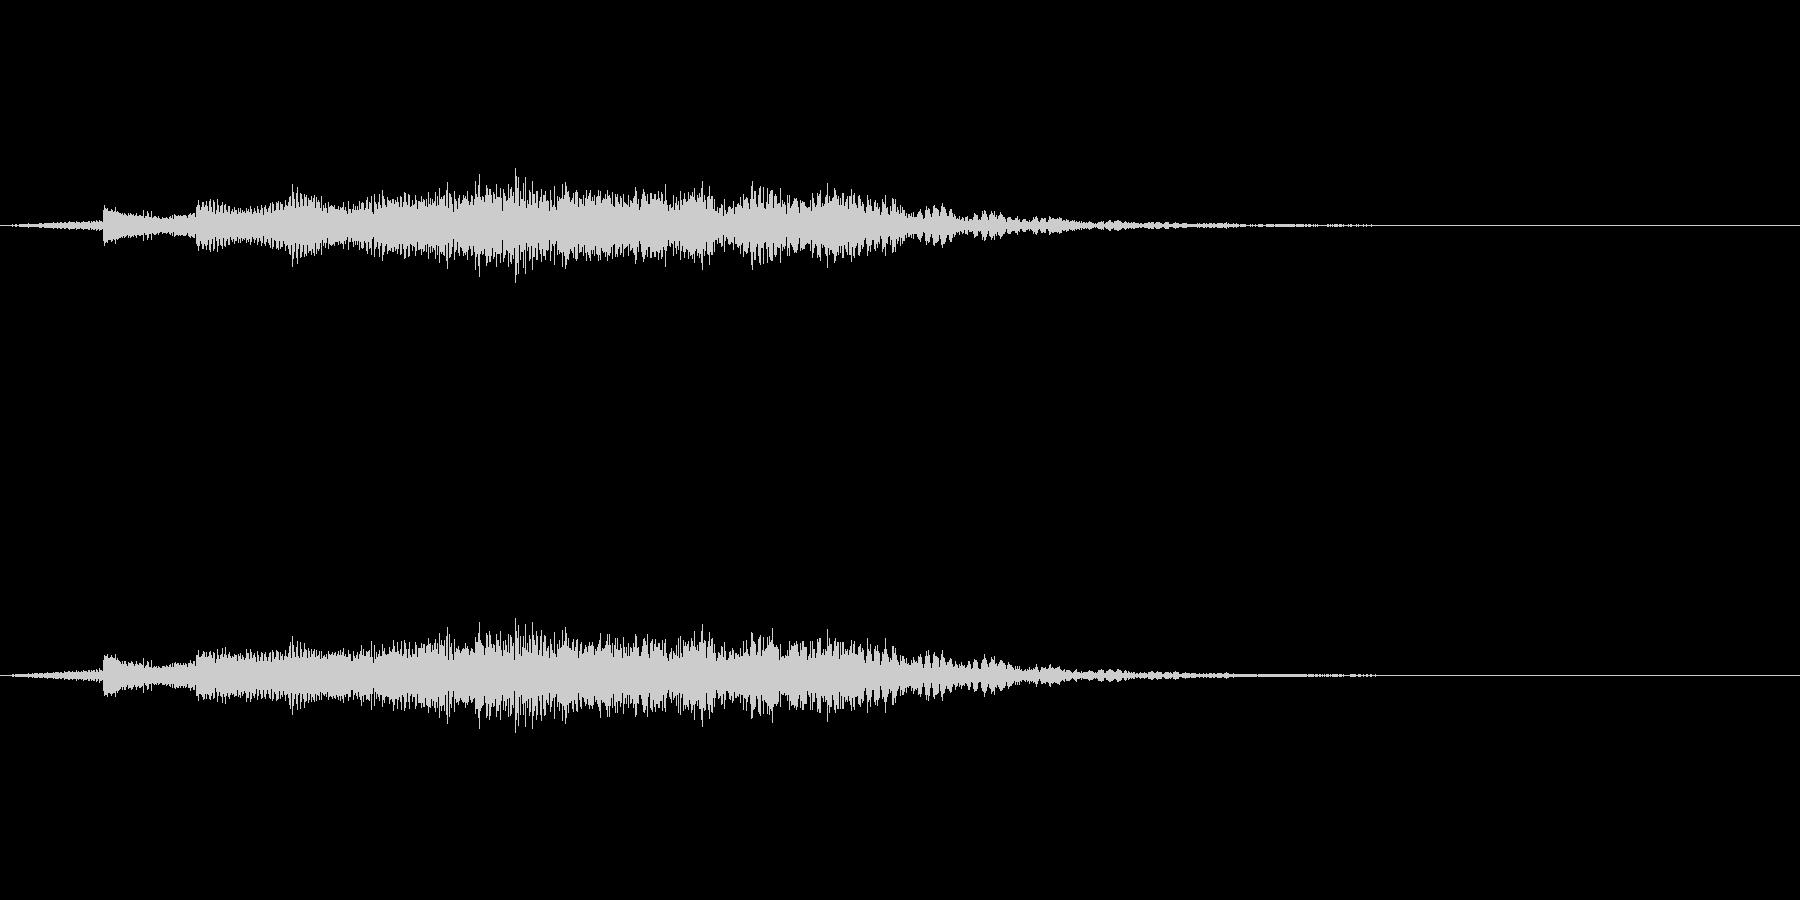 教則ビデオ風タイトル音の未再生の波形